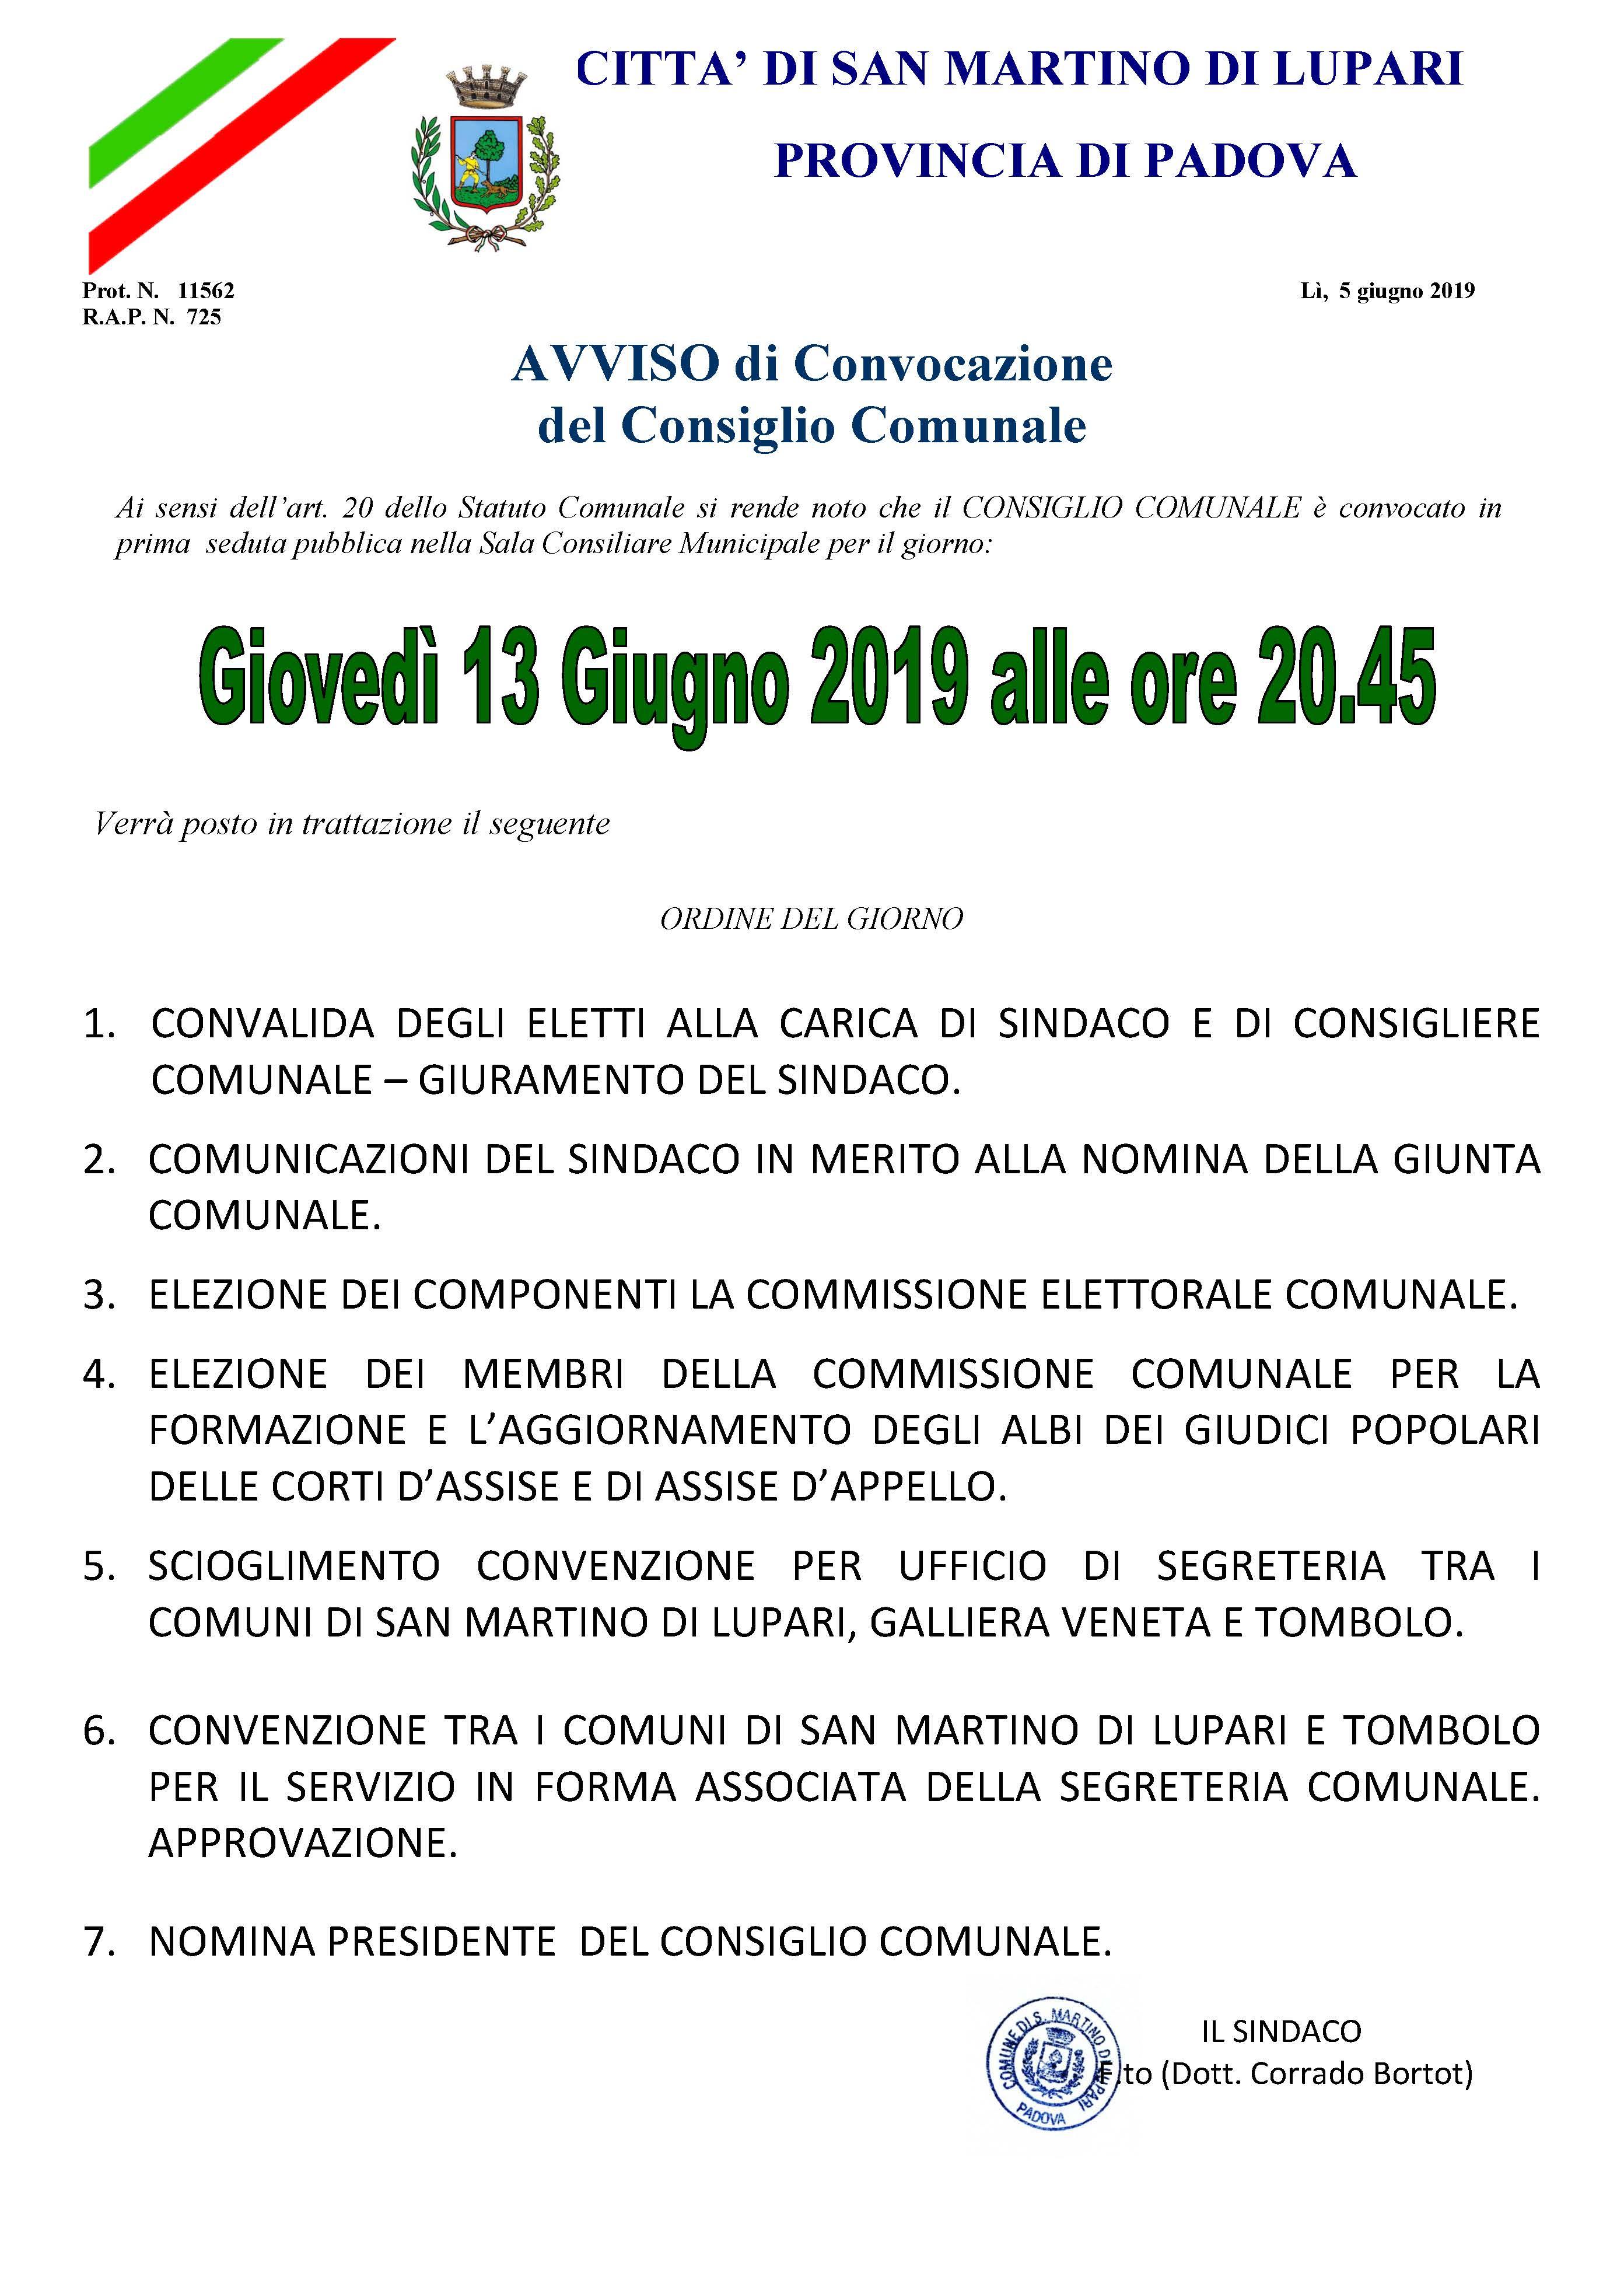 AVVISO DI CONVOCAZIONE CONSIGLIO COMUNALE: Giovedì 13 giugno 2019